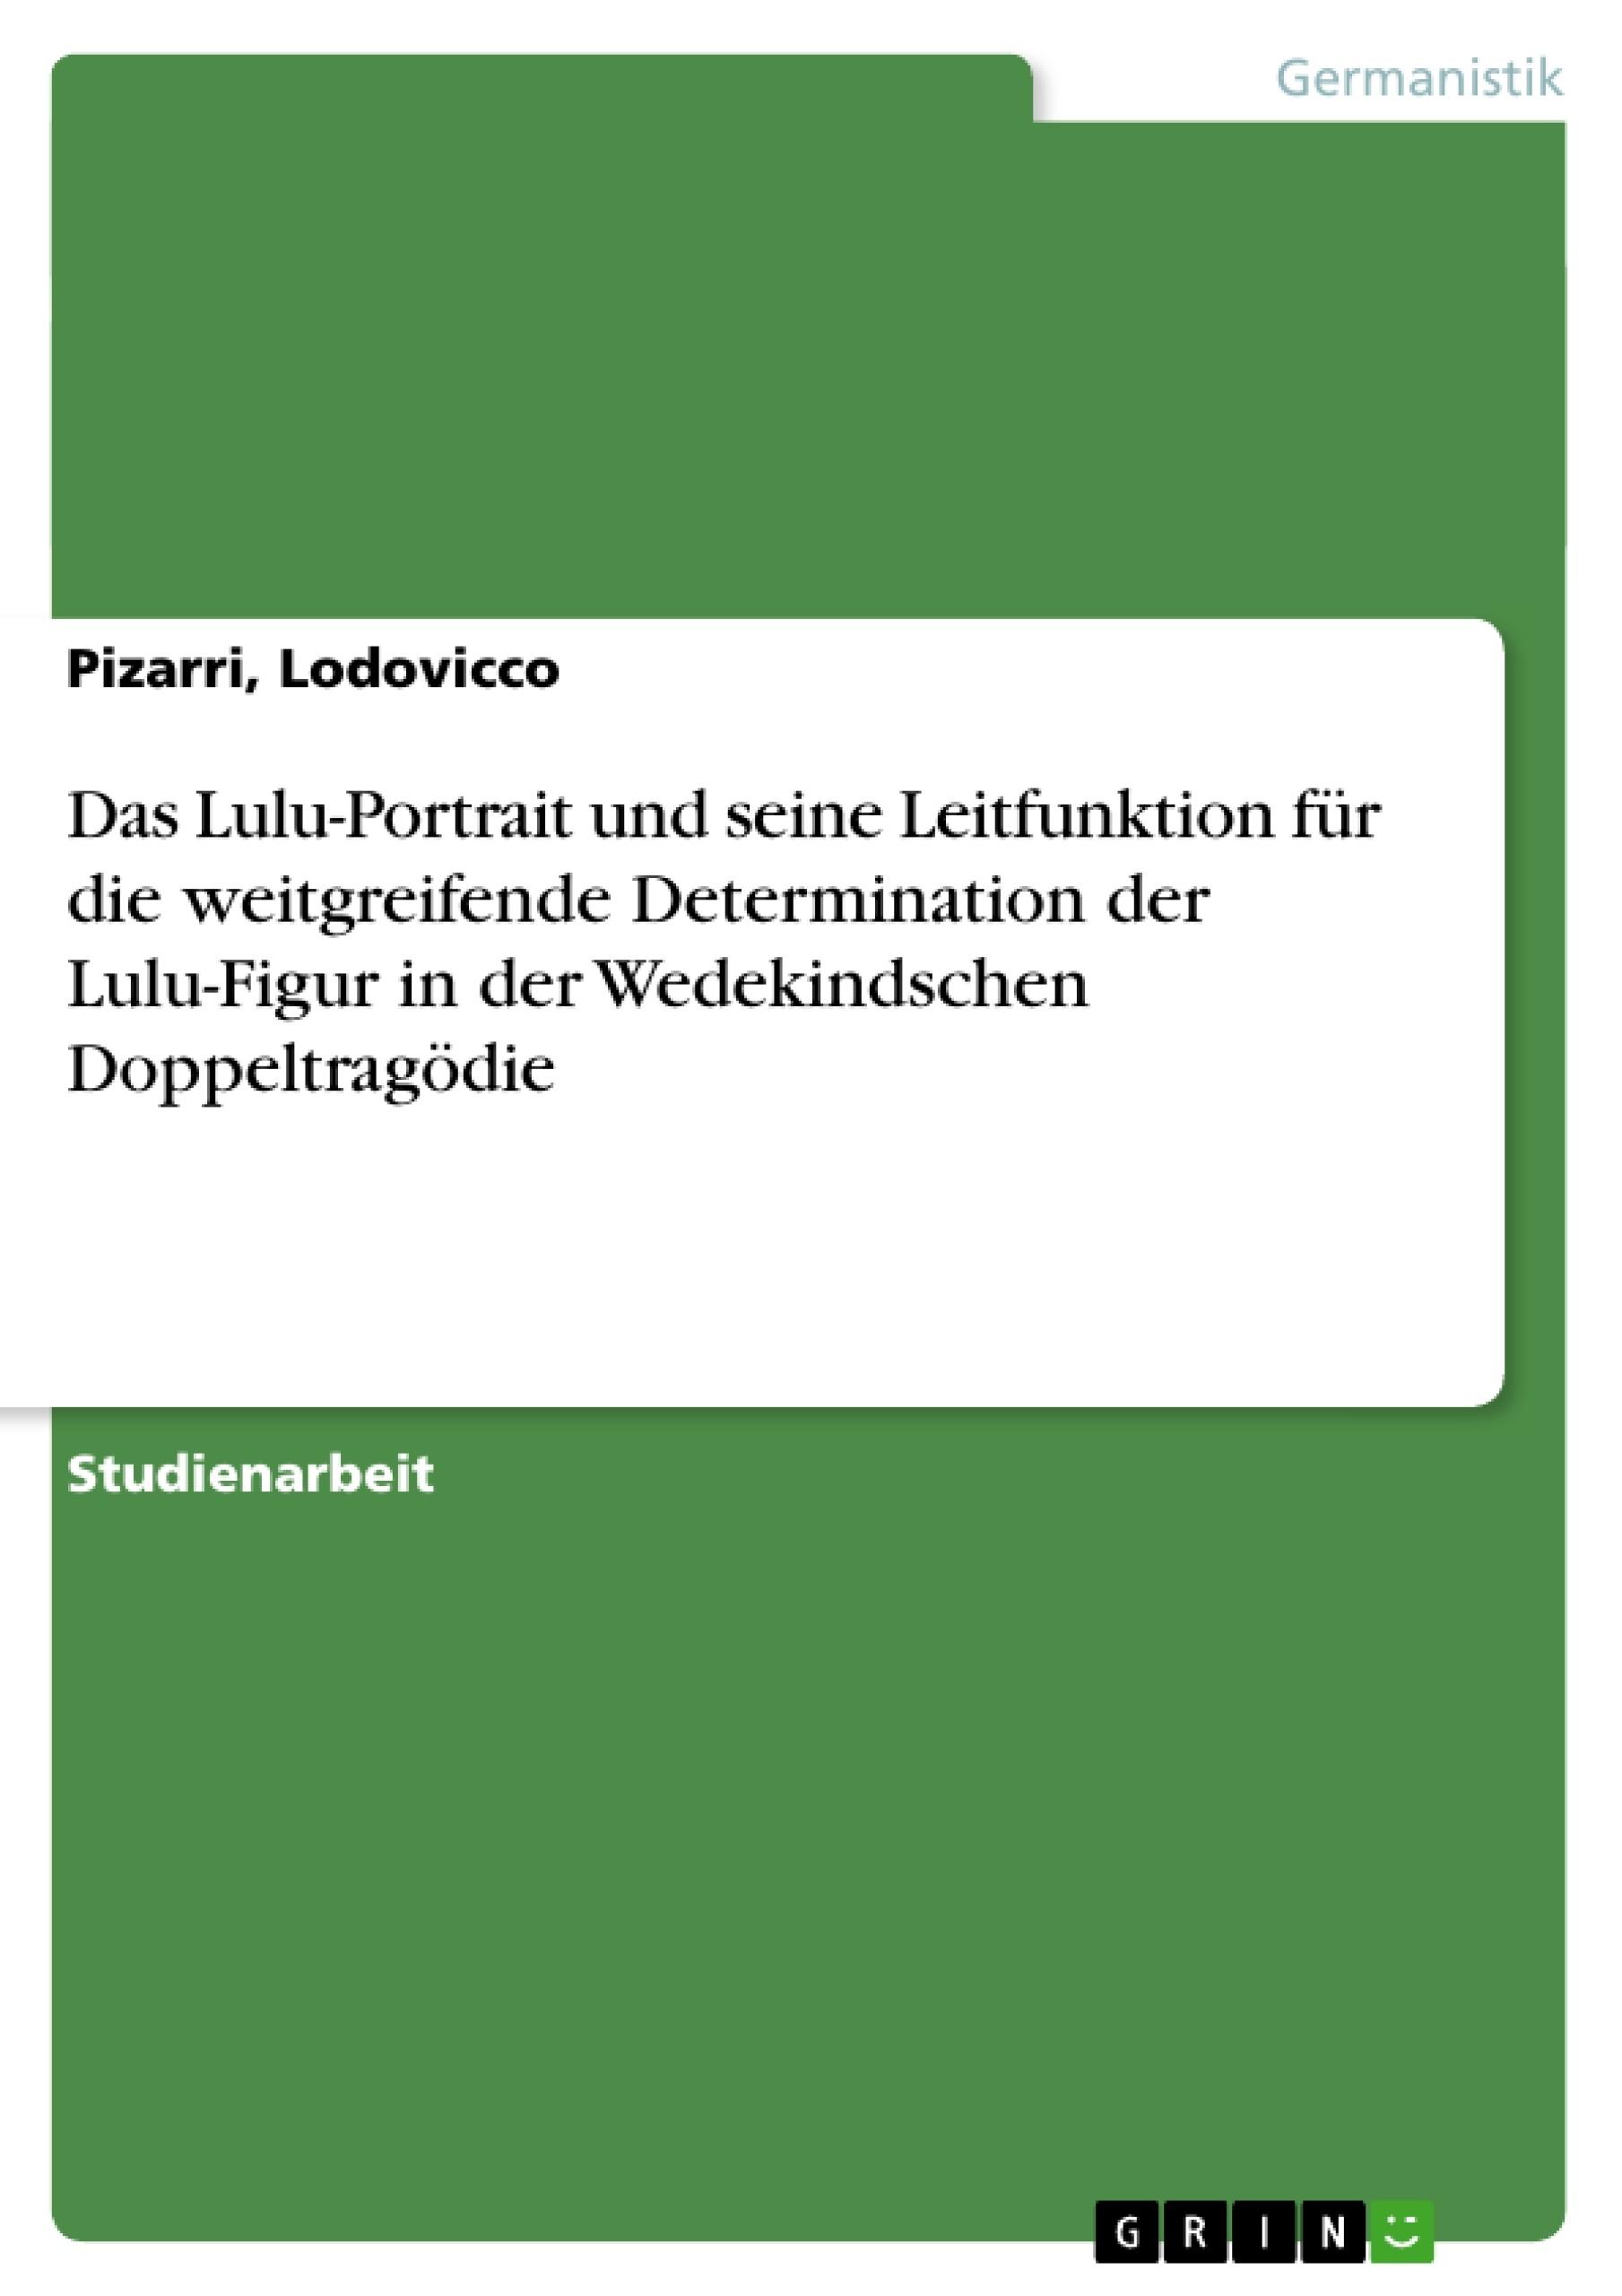 Titel: Das Lulu-Portrait und seine Leitfunktion für die weitgreifende Determination der Lulu-Figur in der Wedekindschen Doppeltragödie